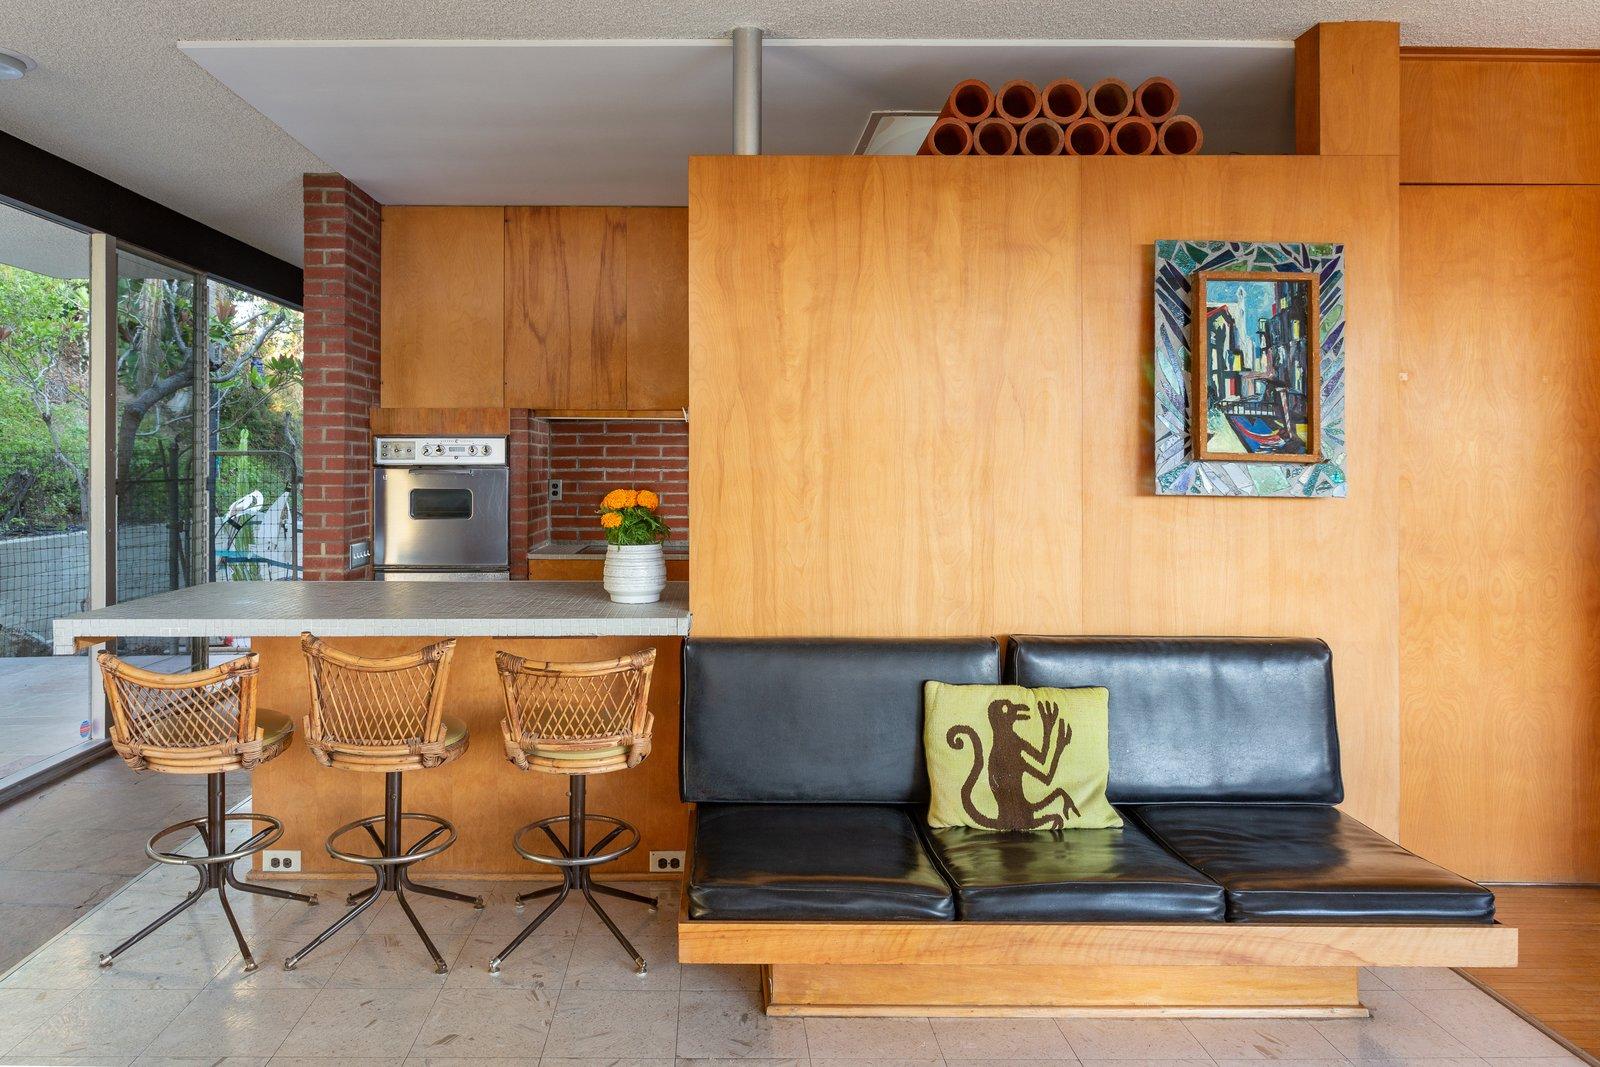 Midcentury modern Neutra home kitchen with breakfast bar